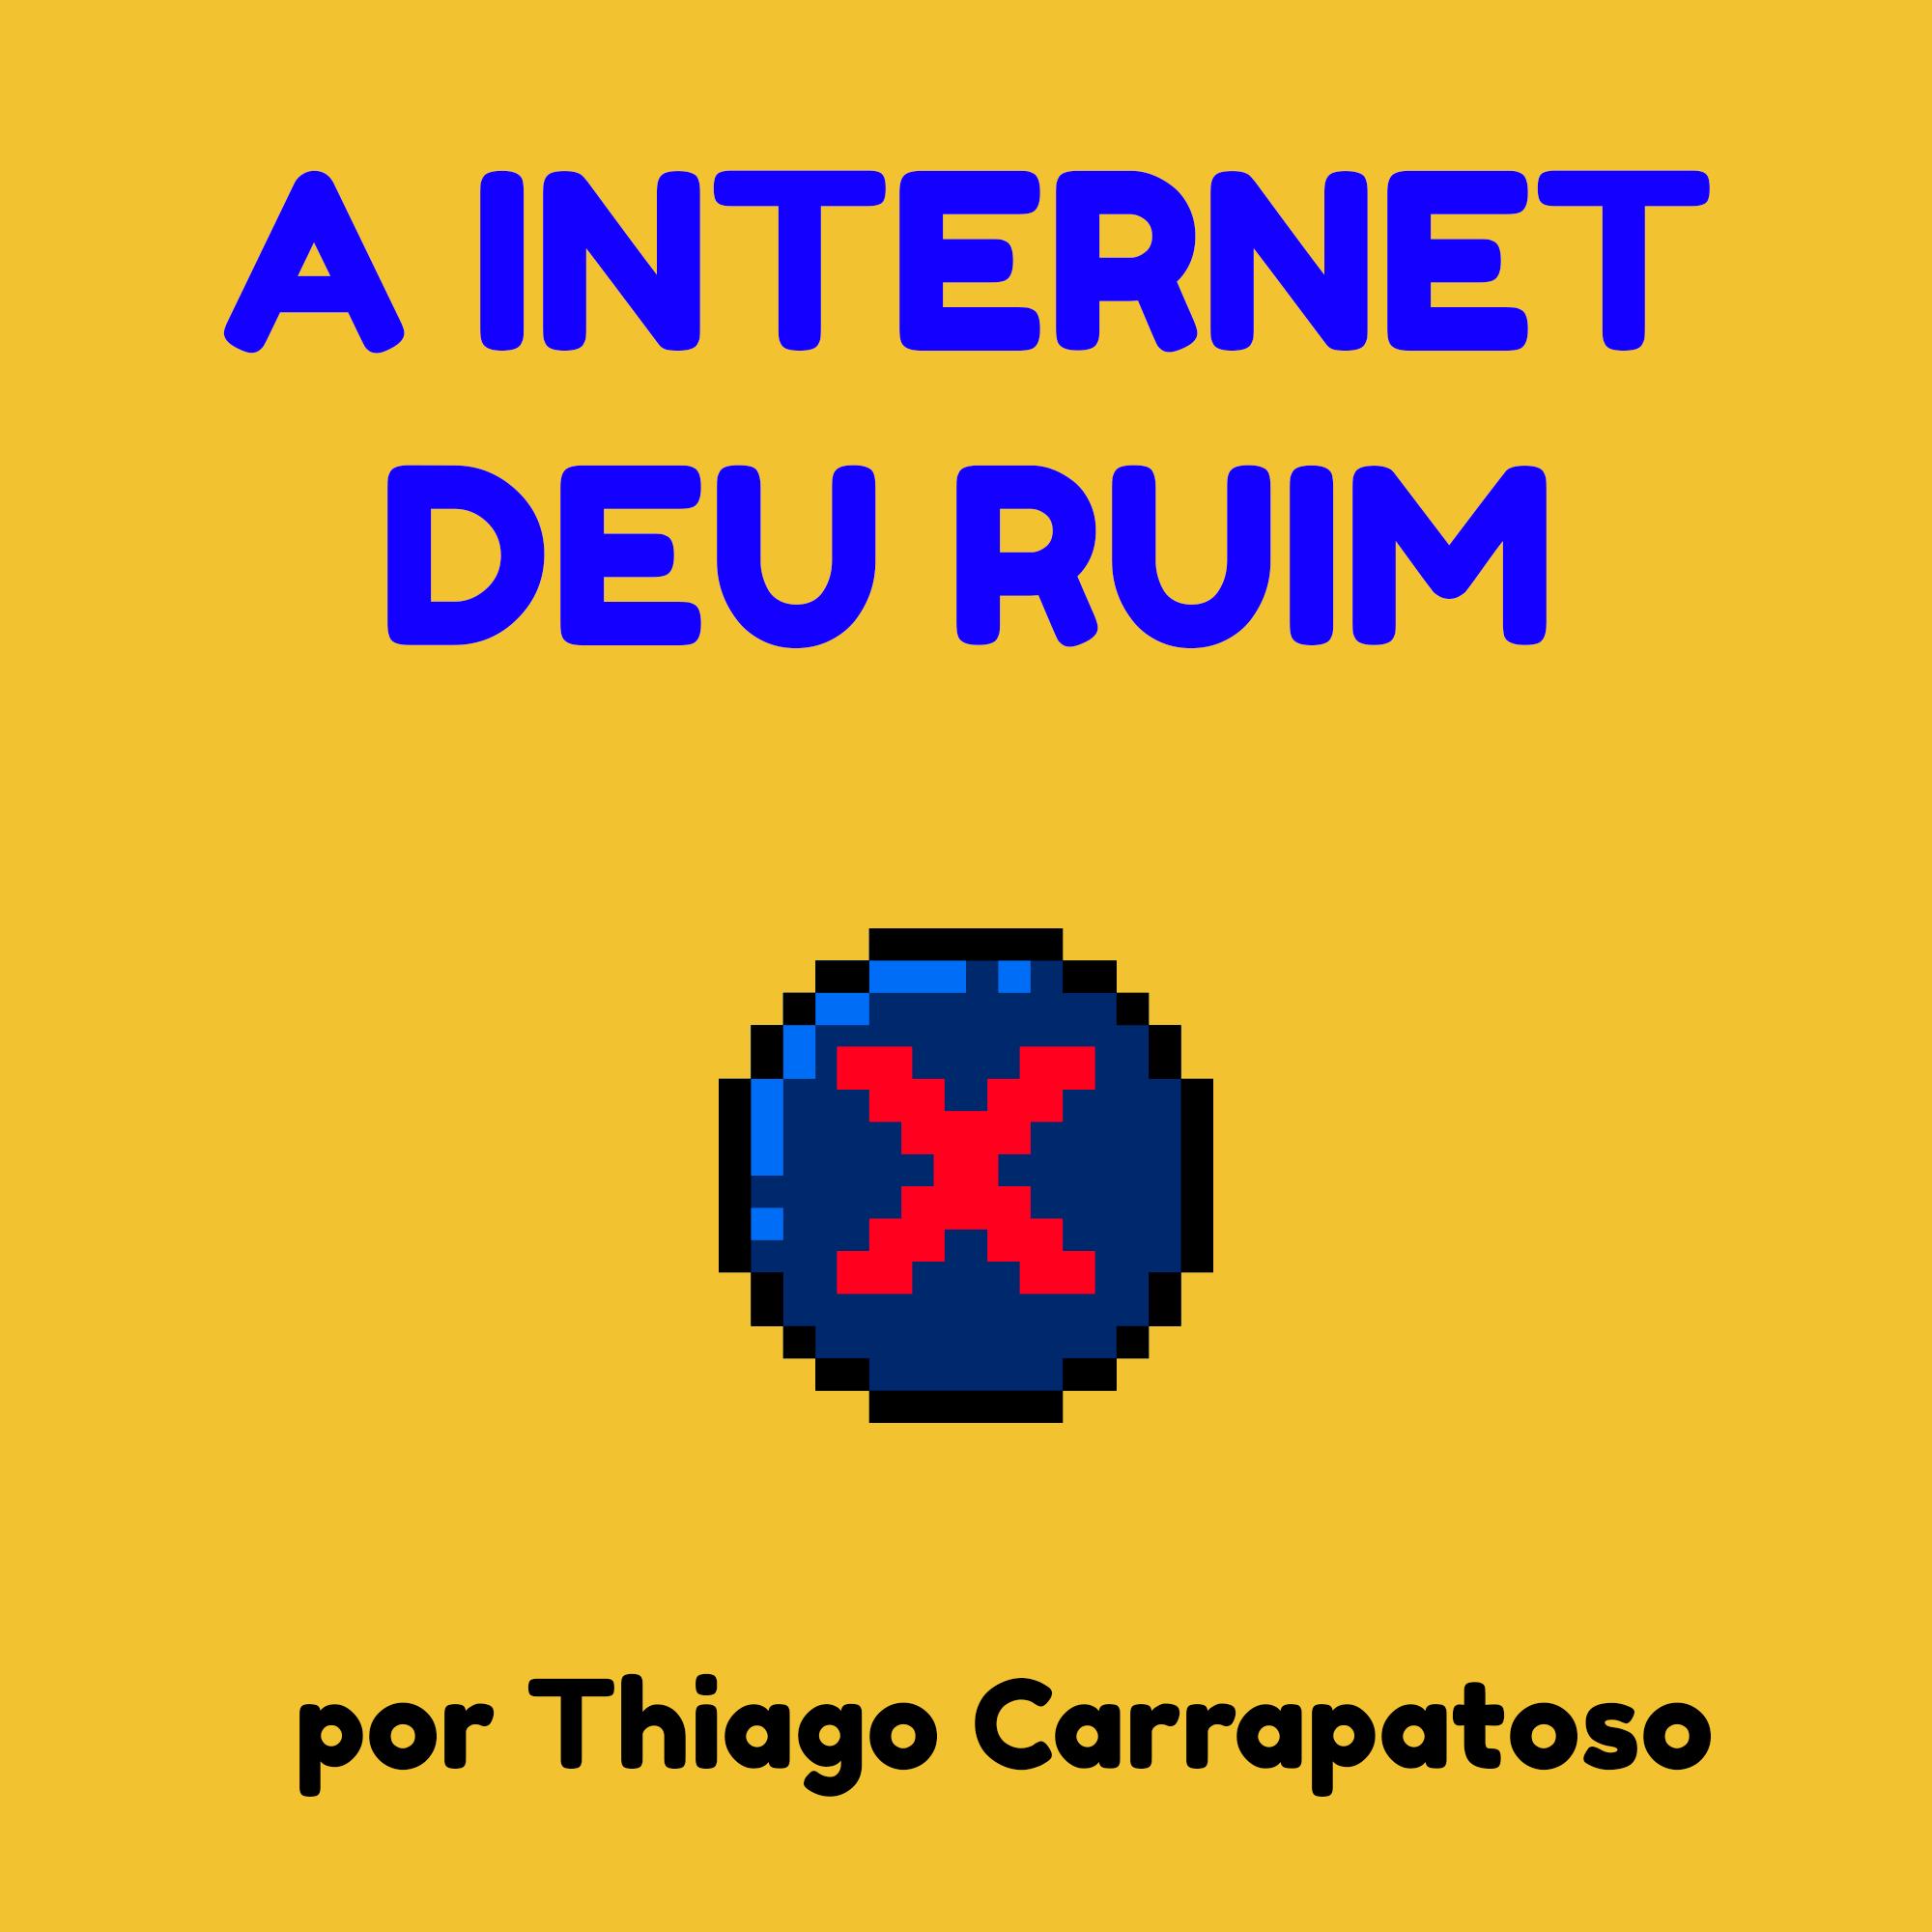 A Internet Deu Ruim